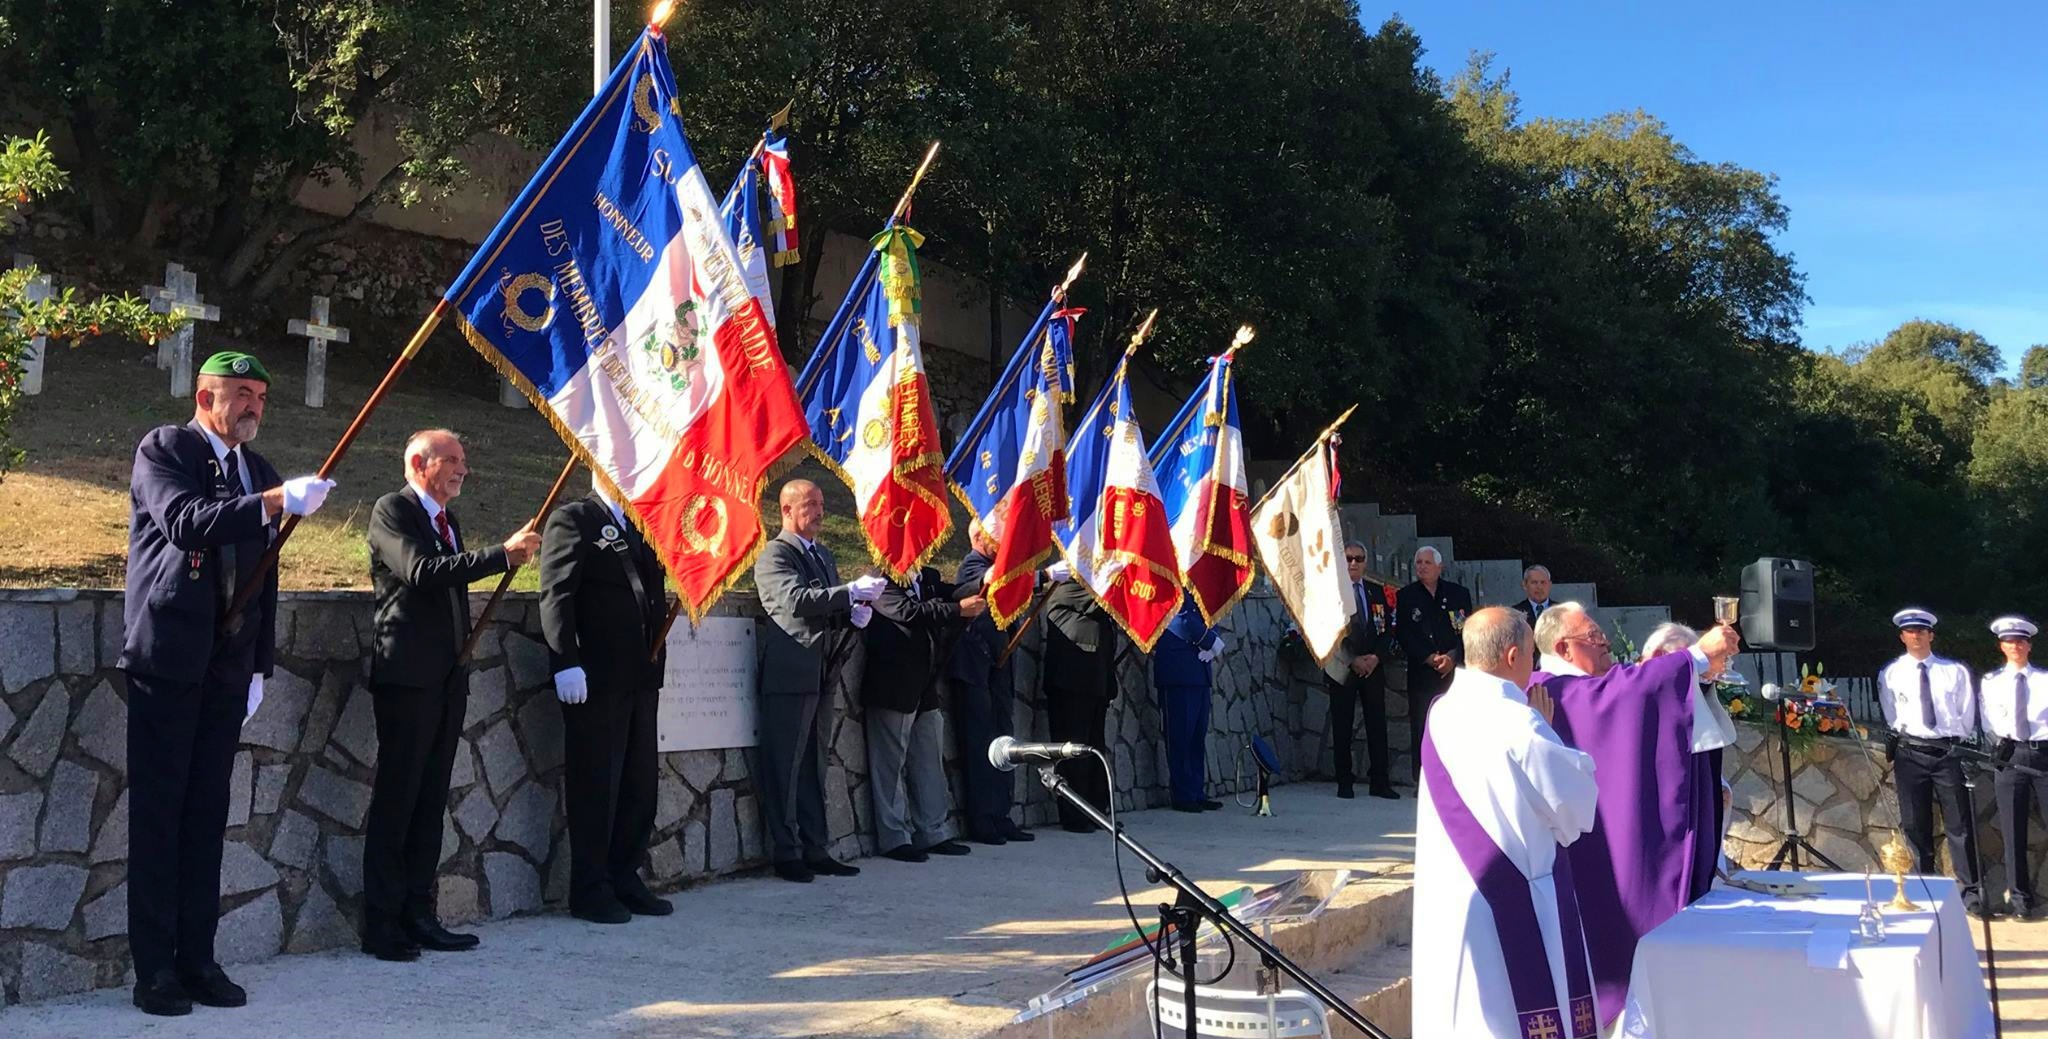 Ajaccio : Cérémonie hommage aux « Morts pour la France » et à leurs familles